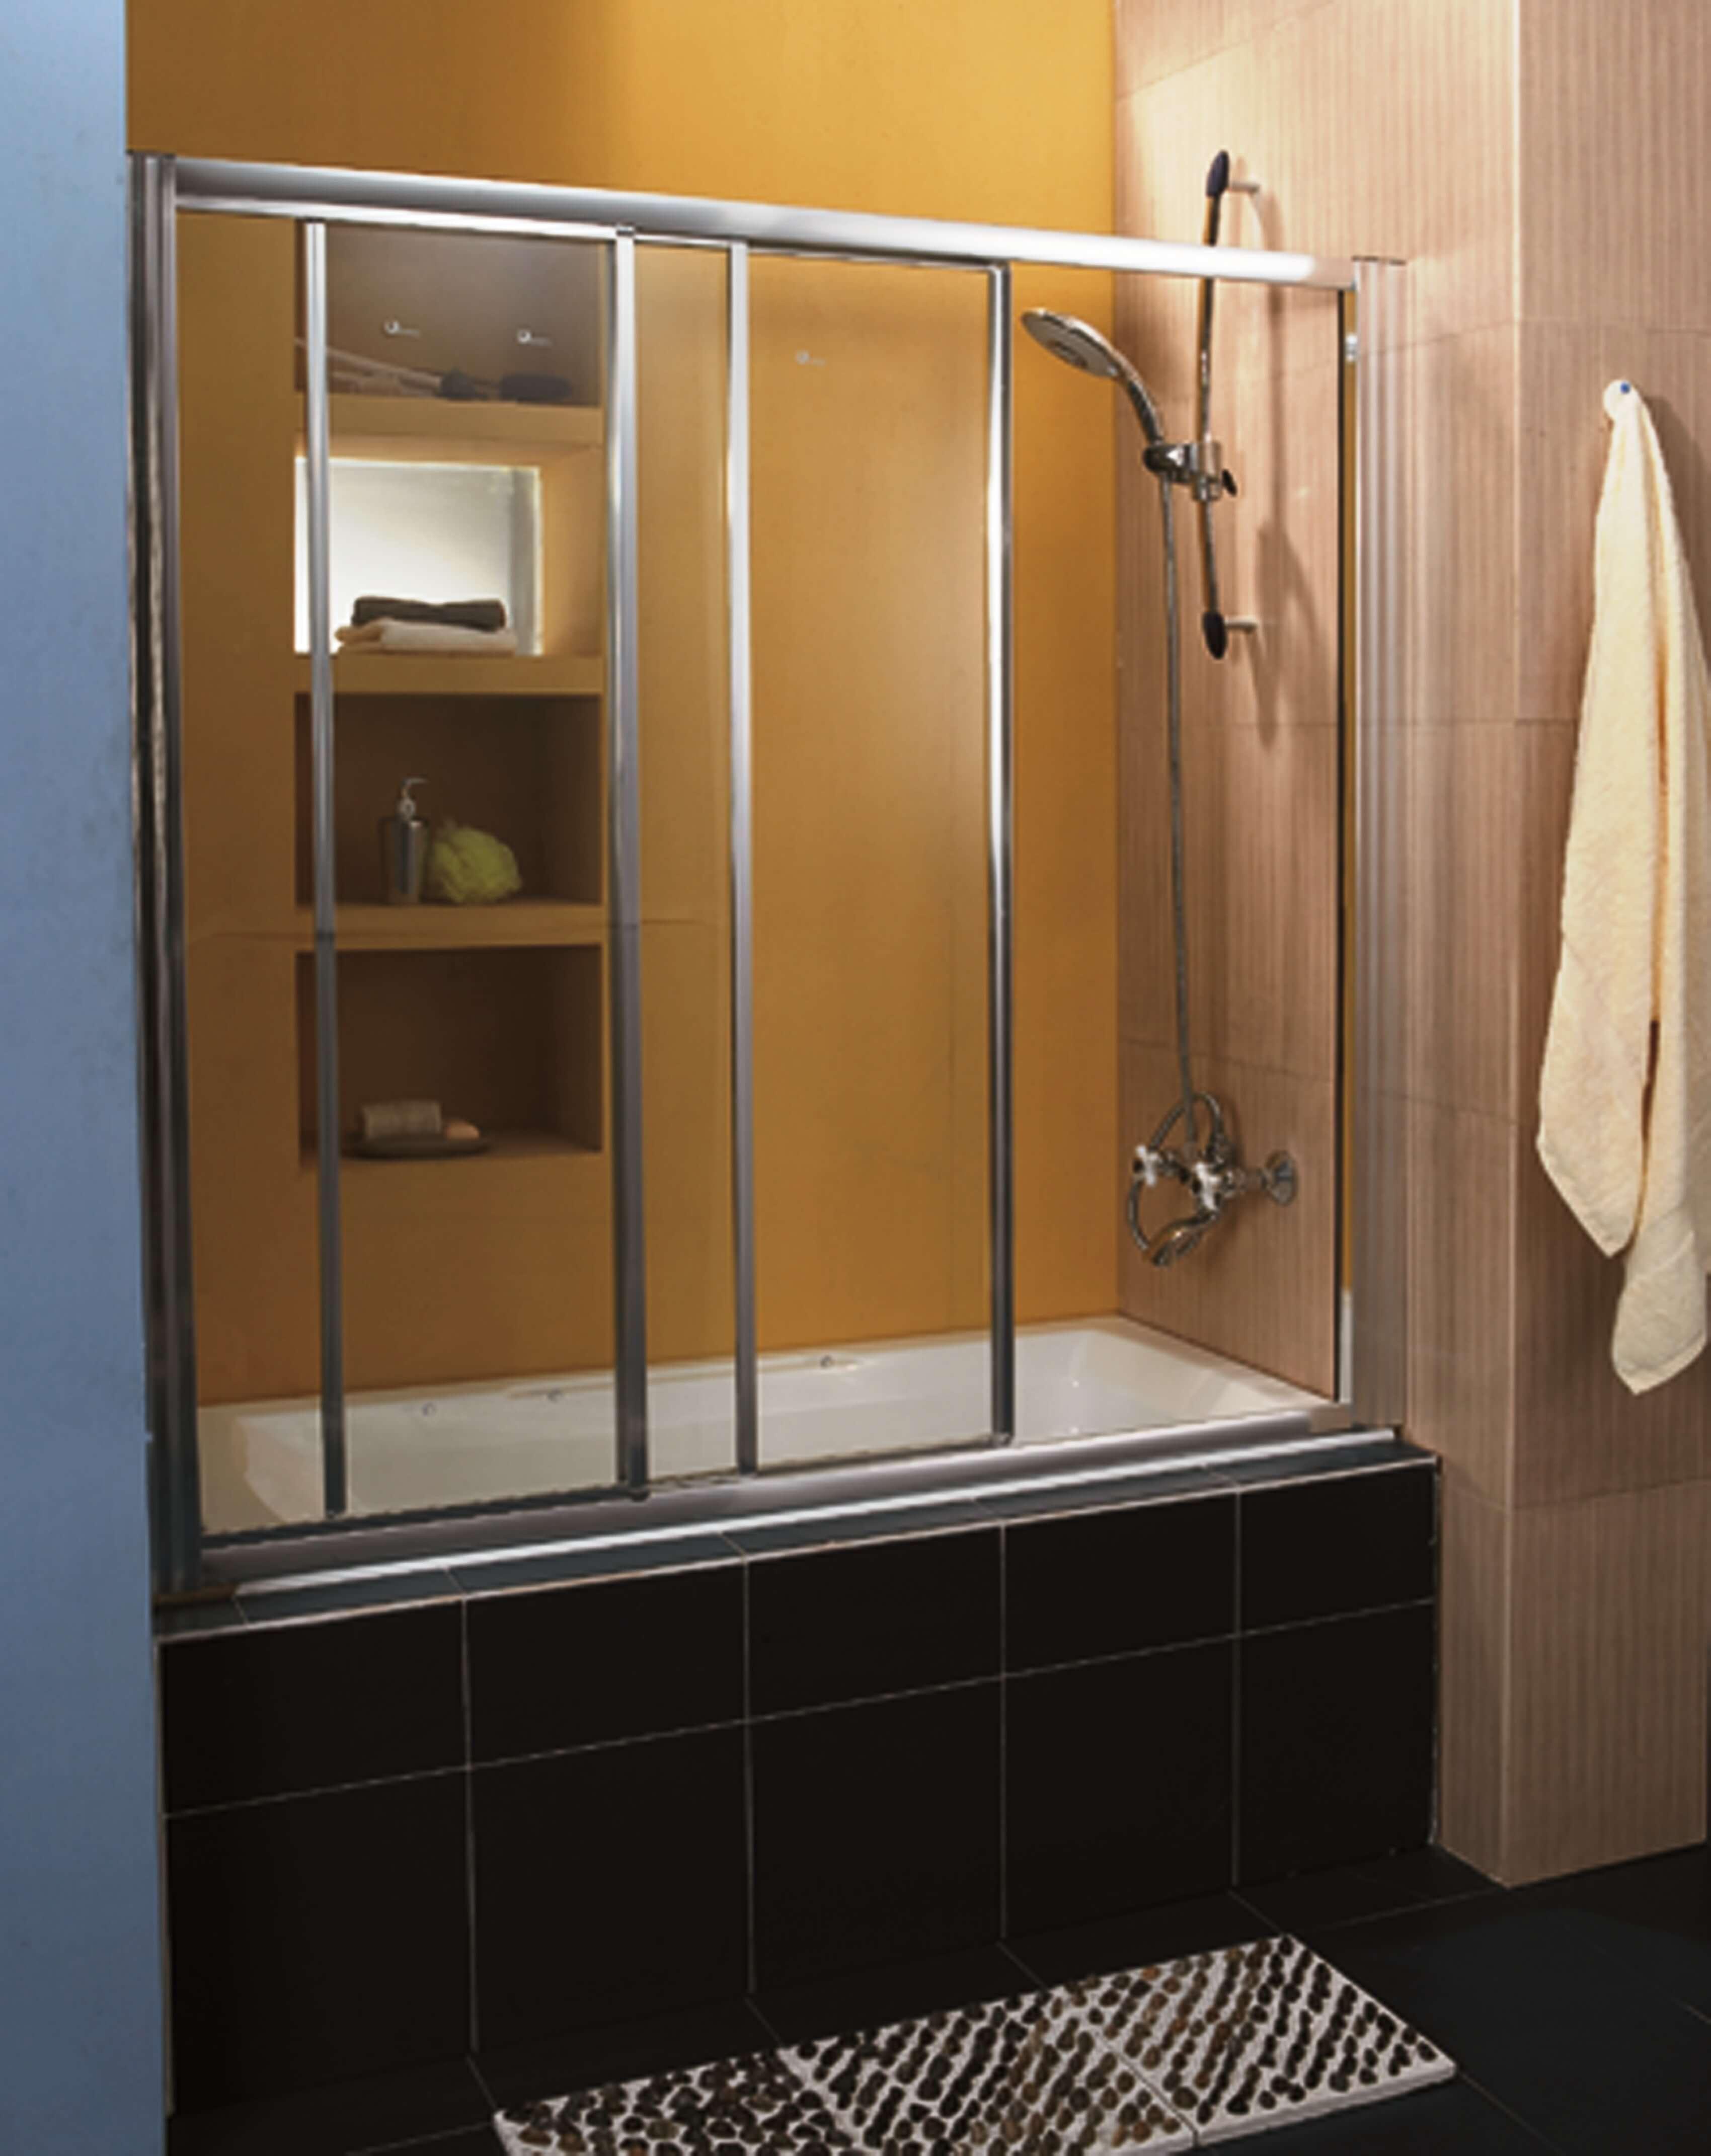 מקלחונים נהדרים לאמבטיה מקלחת חמה